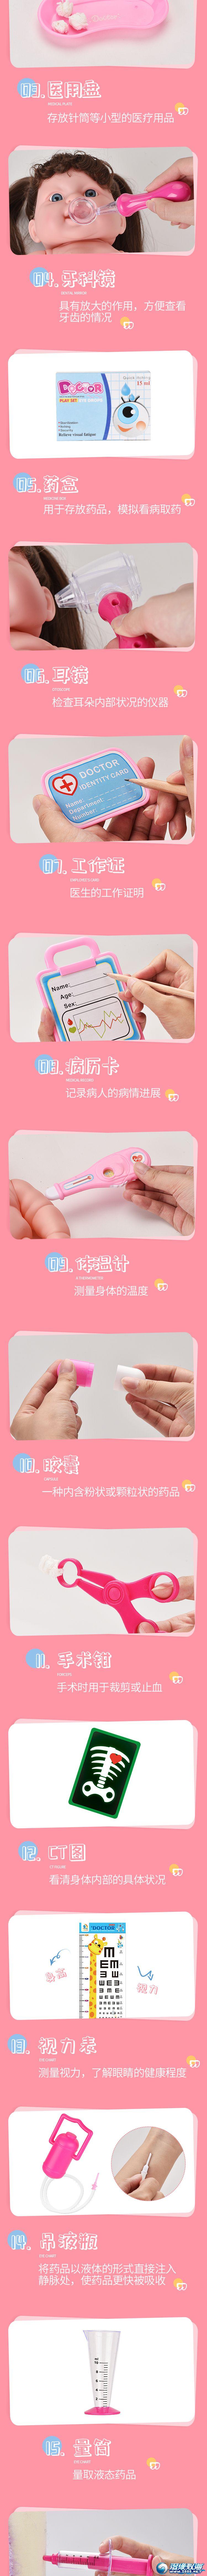 粤祺玩具厂-(4777-133)-医疗箱玩具-中文详情页_02.jpg